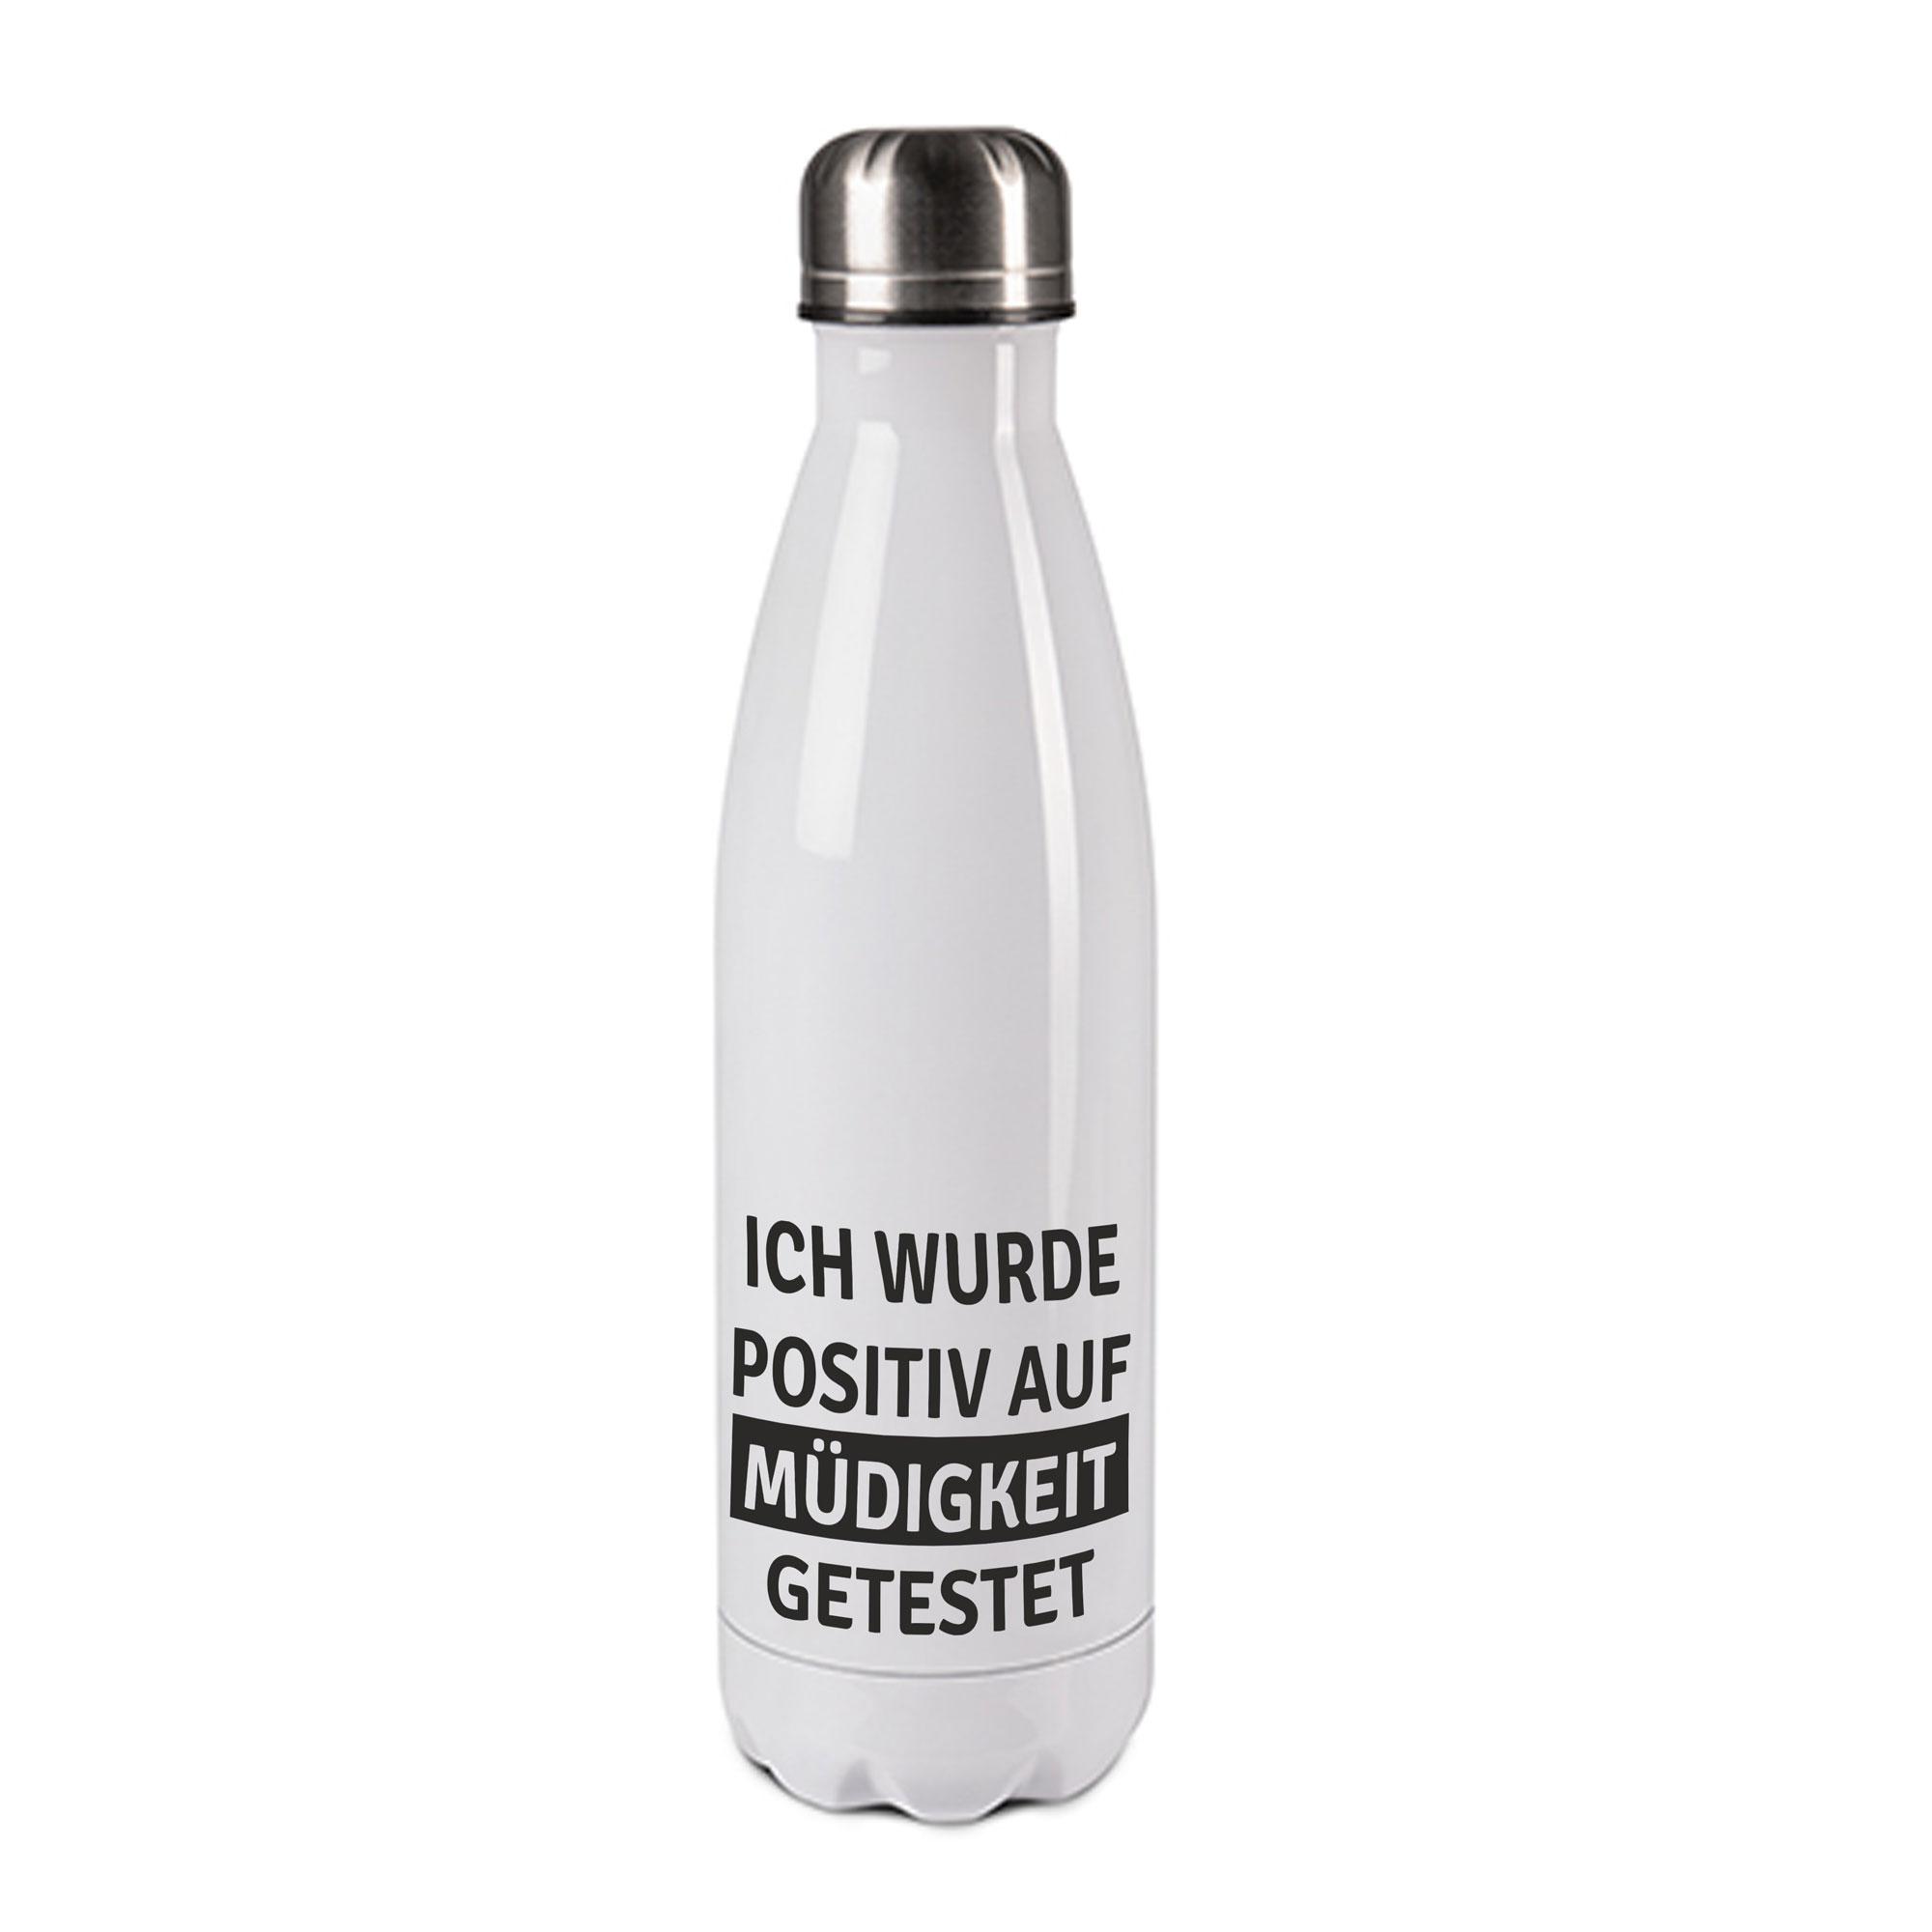 Edelstahl-Thermosflasche weiß/weiß mit Druck: ICH WURDE POSTIV AUF MÜDIGKEIT GETESTET